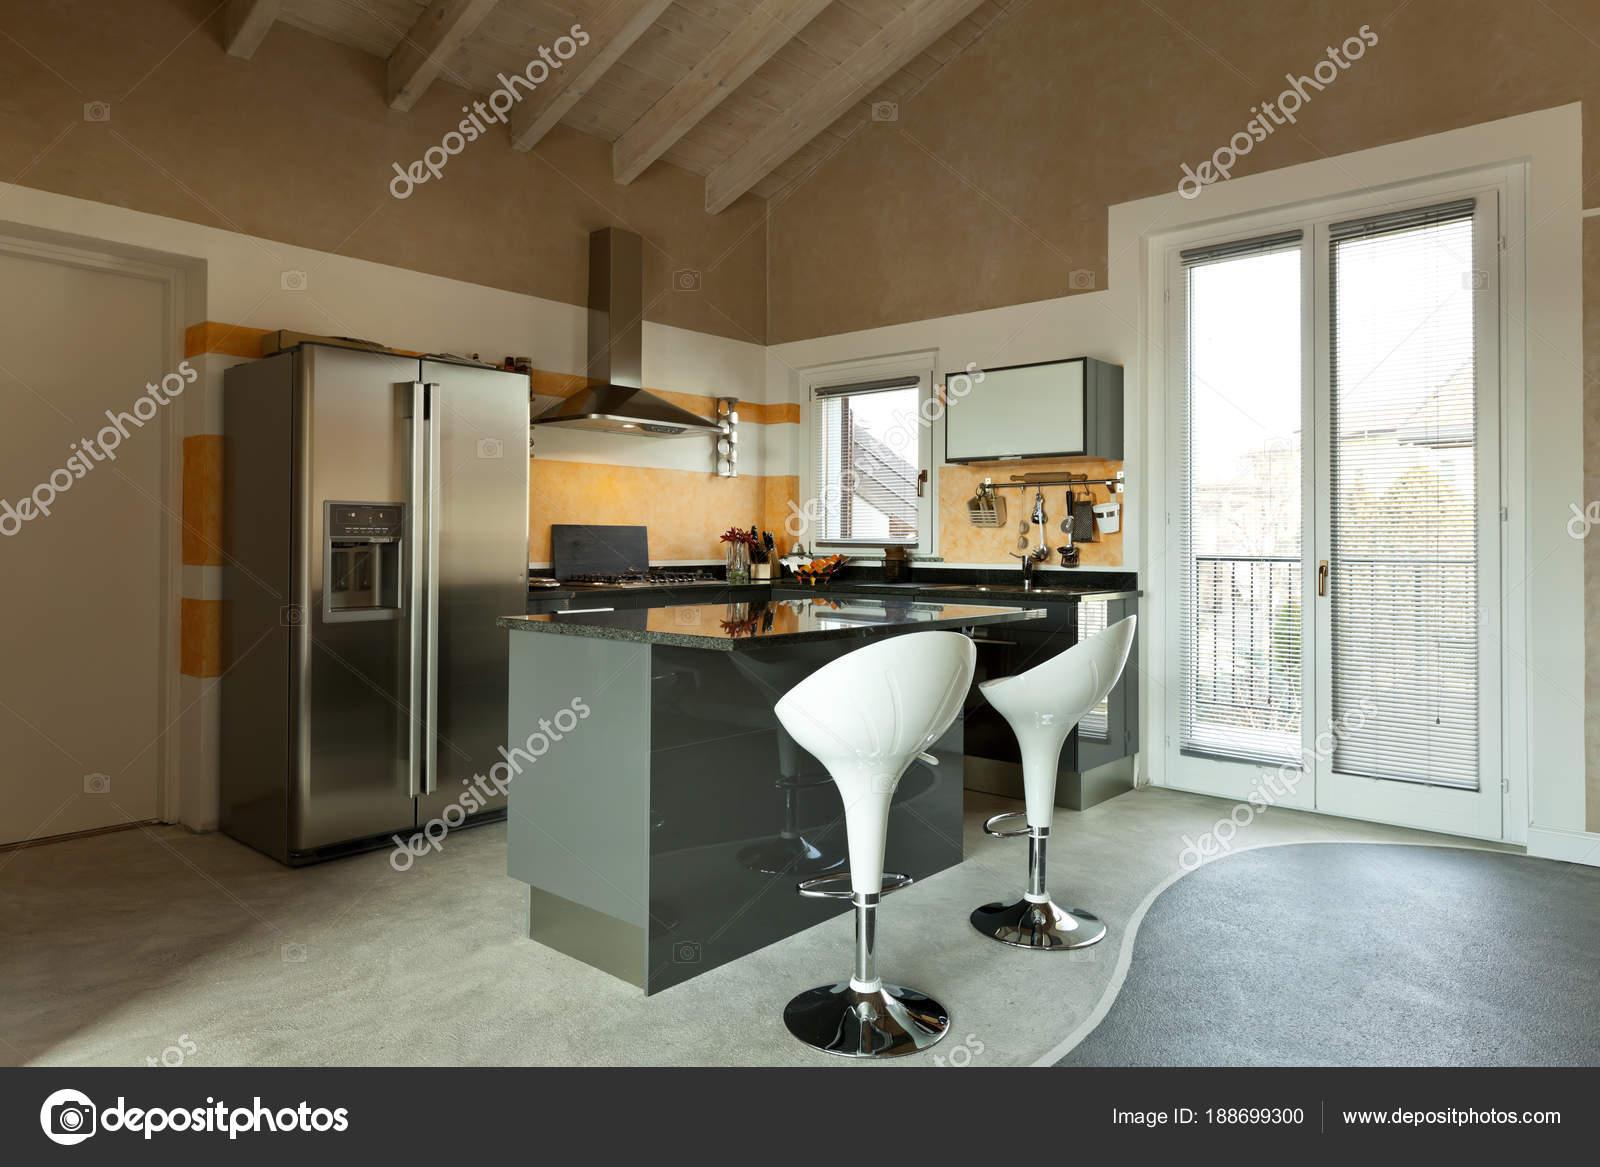 Interieur, neue Loft möbliert, Kücheninsel mit zwei Hockern ...